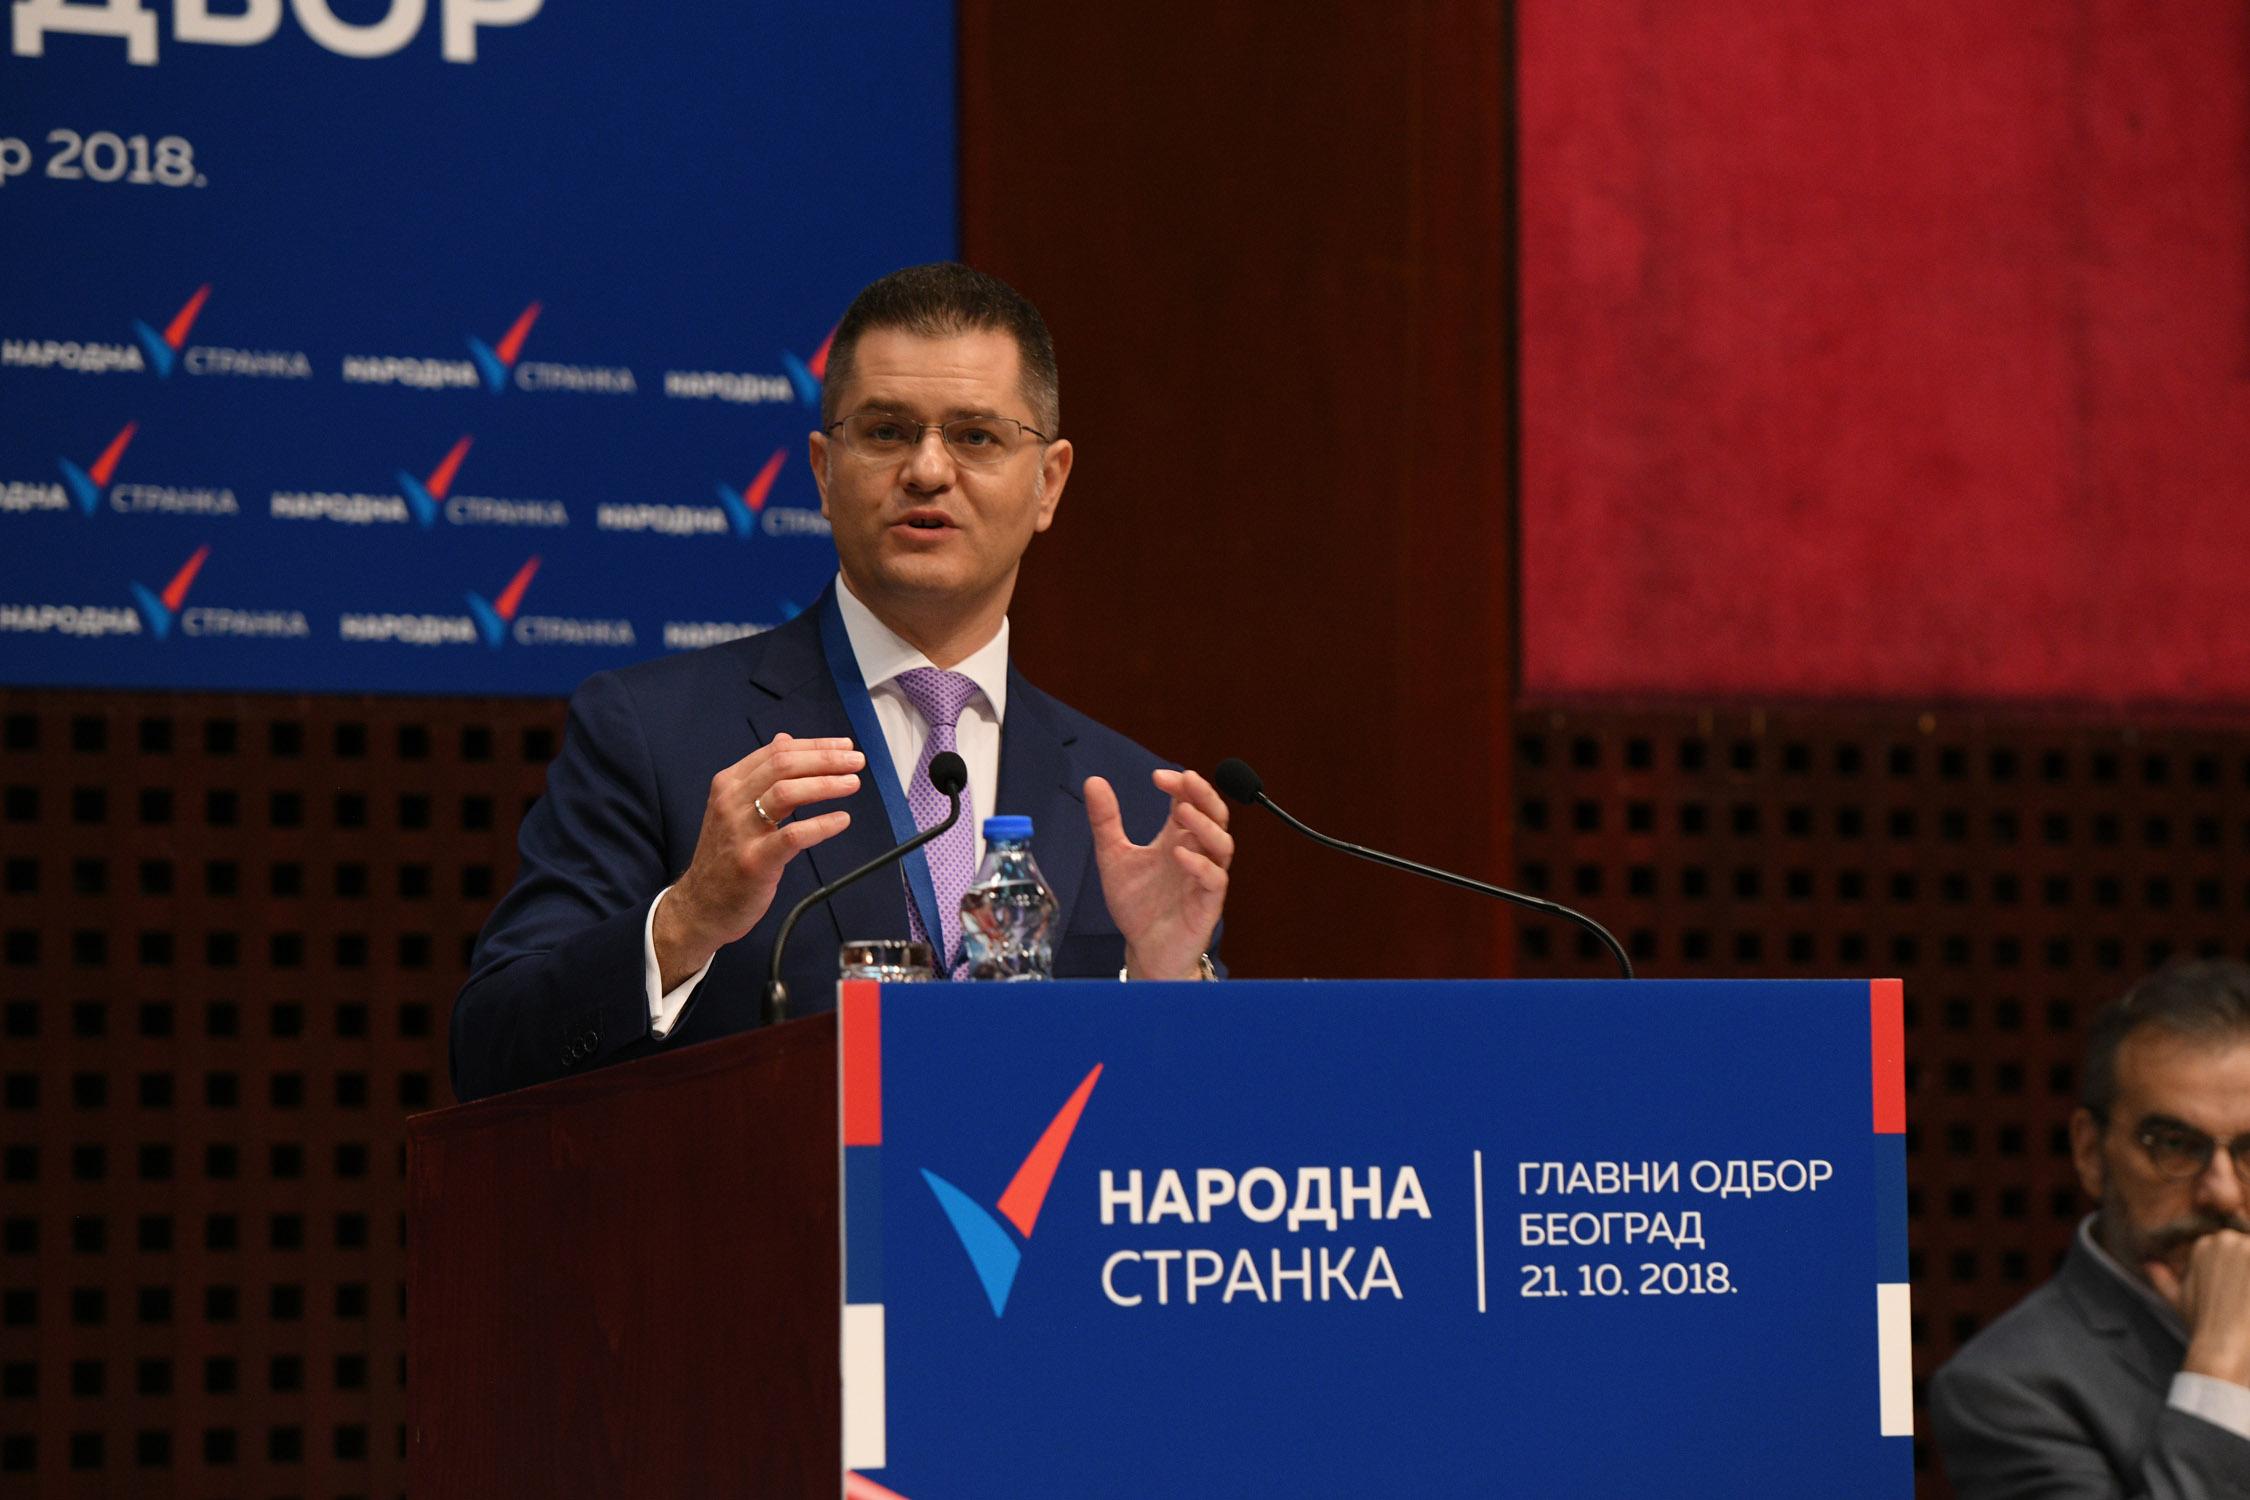 Јеремић поводом годину дана од оснивања Народне странке: Ми ћемо водити државу